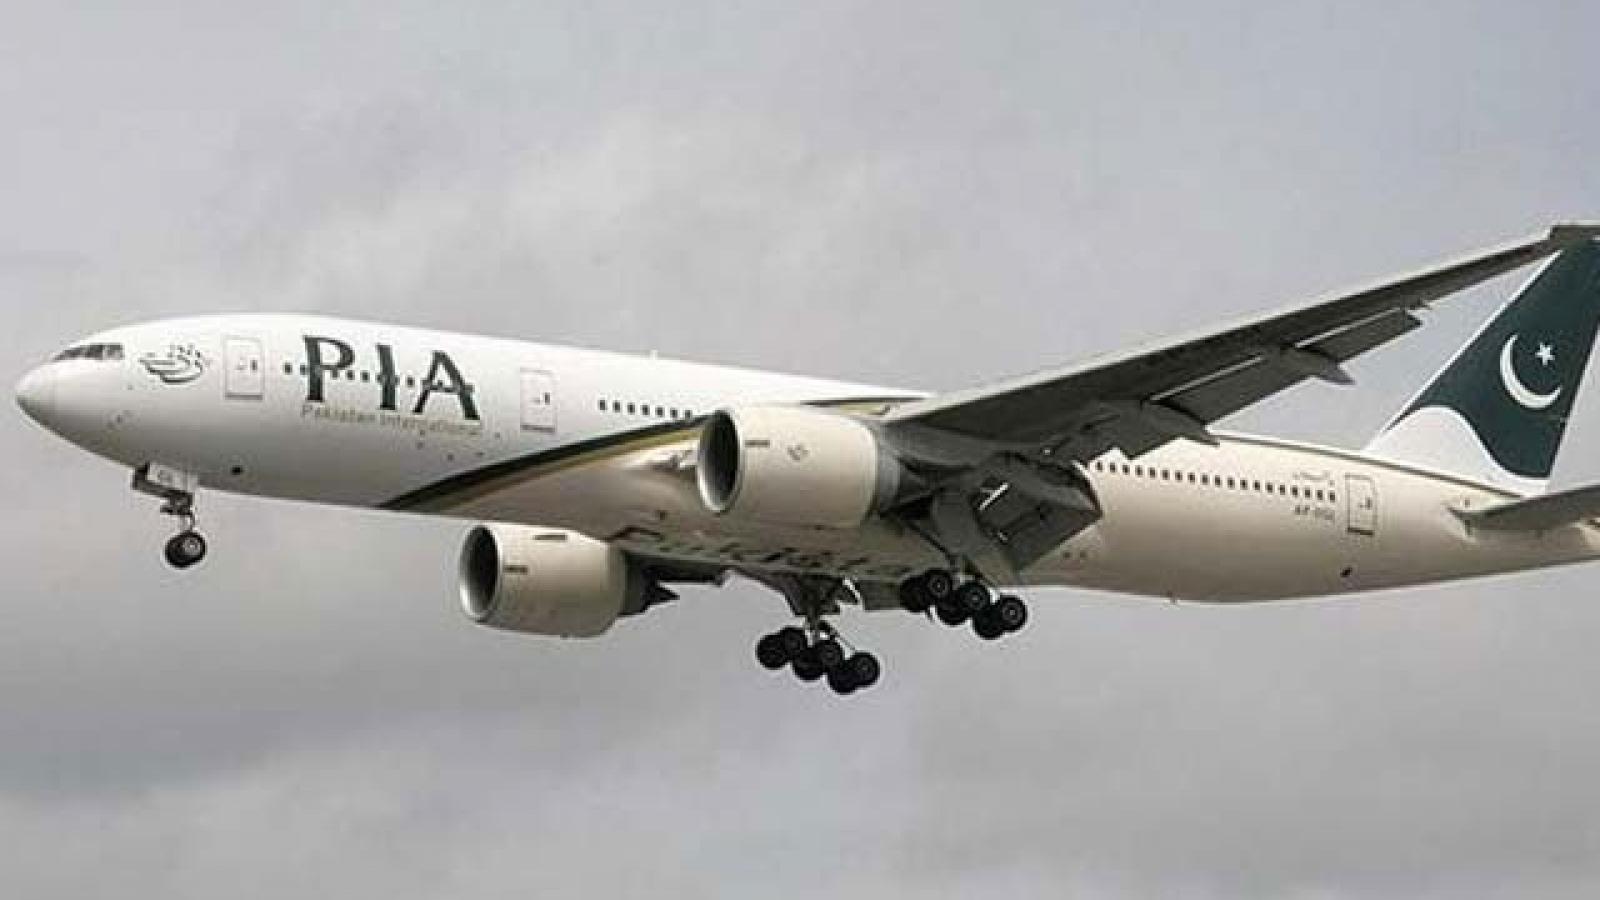 Mỹ cấm các chuyến bay thuê bao của hãng hàng không quốc tế Pakistan